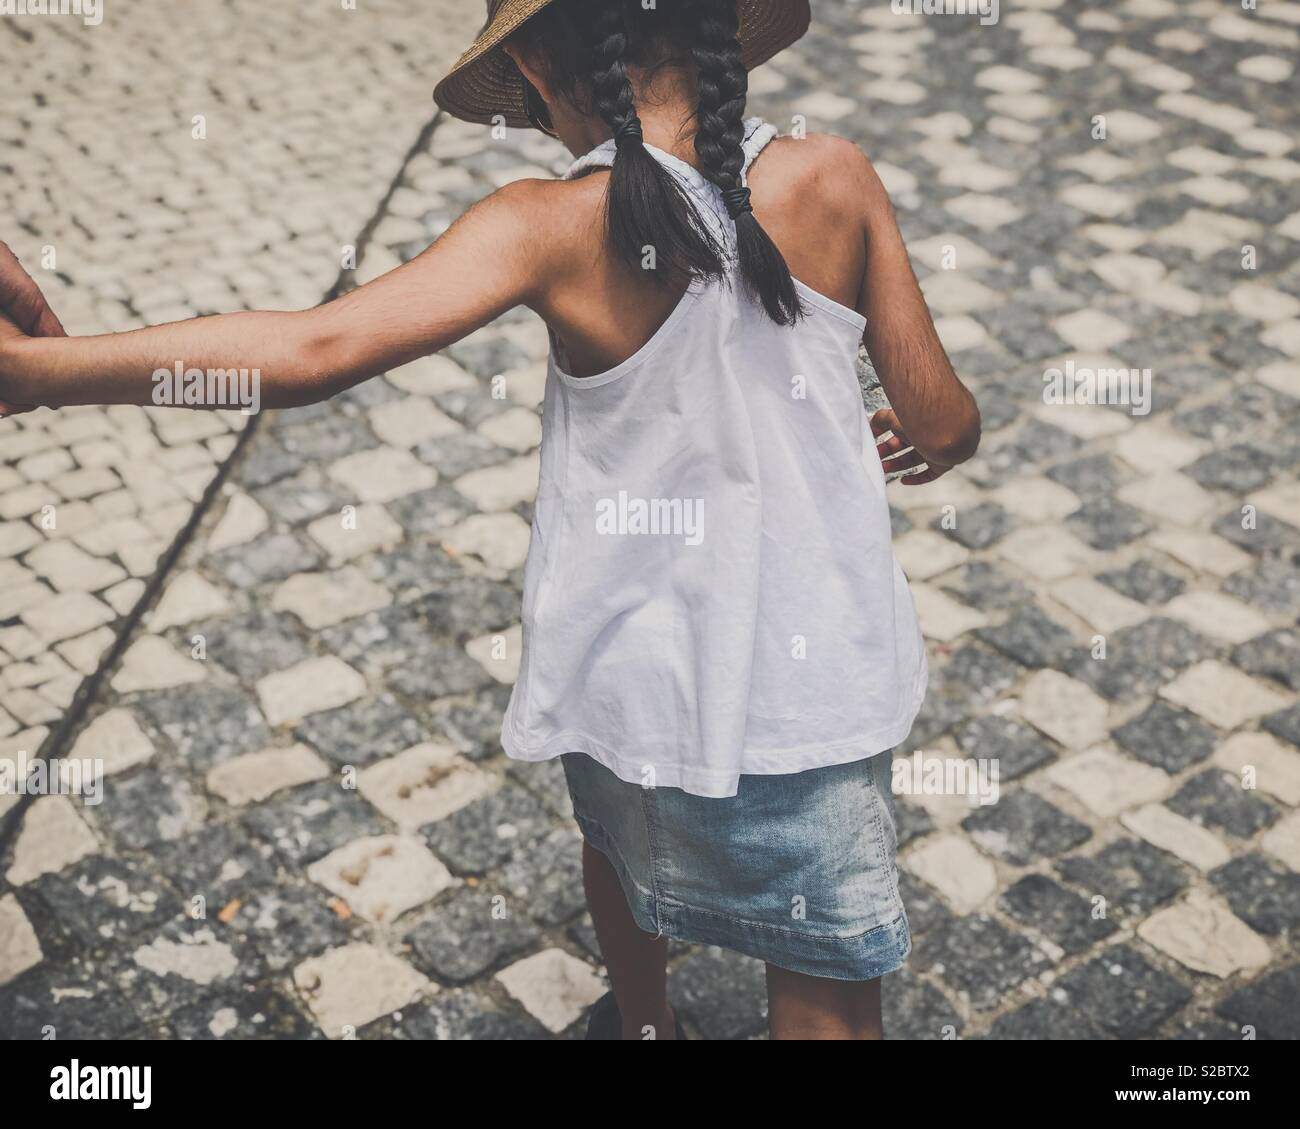 Chica con el cabello trenzado y sombrero, caminando sobre un camino de piedra en mosaico, sosteniendo la mano del adulto. Imagen De Stock